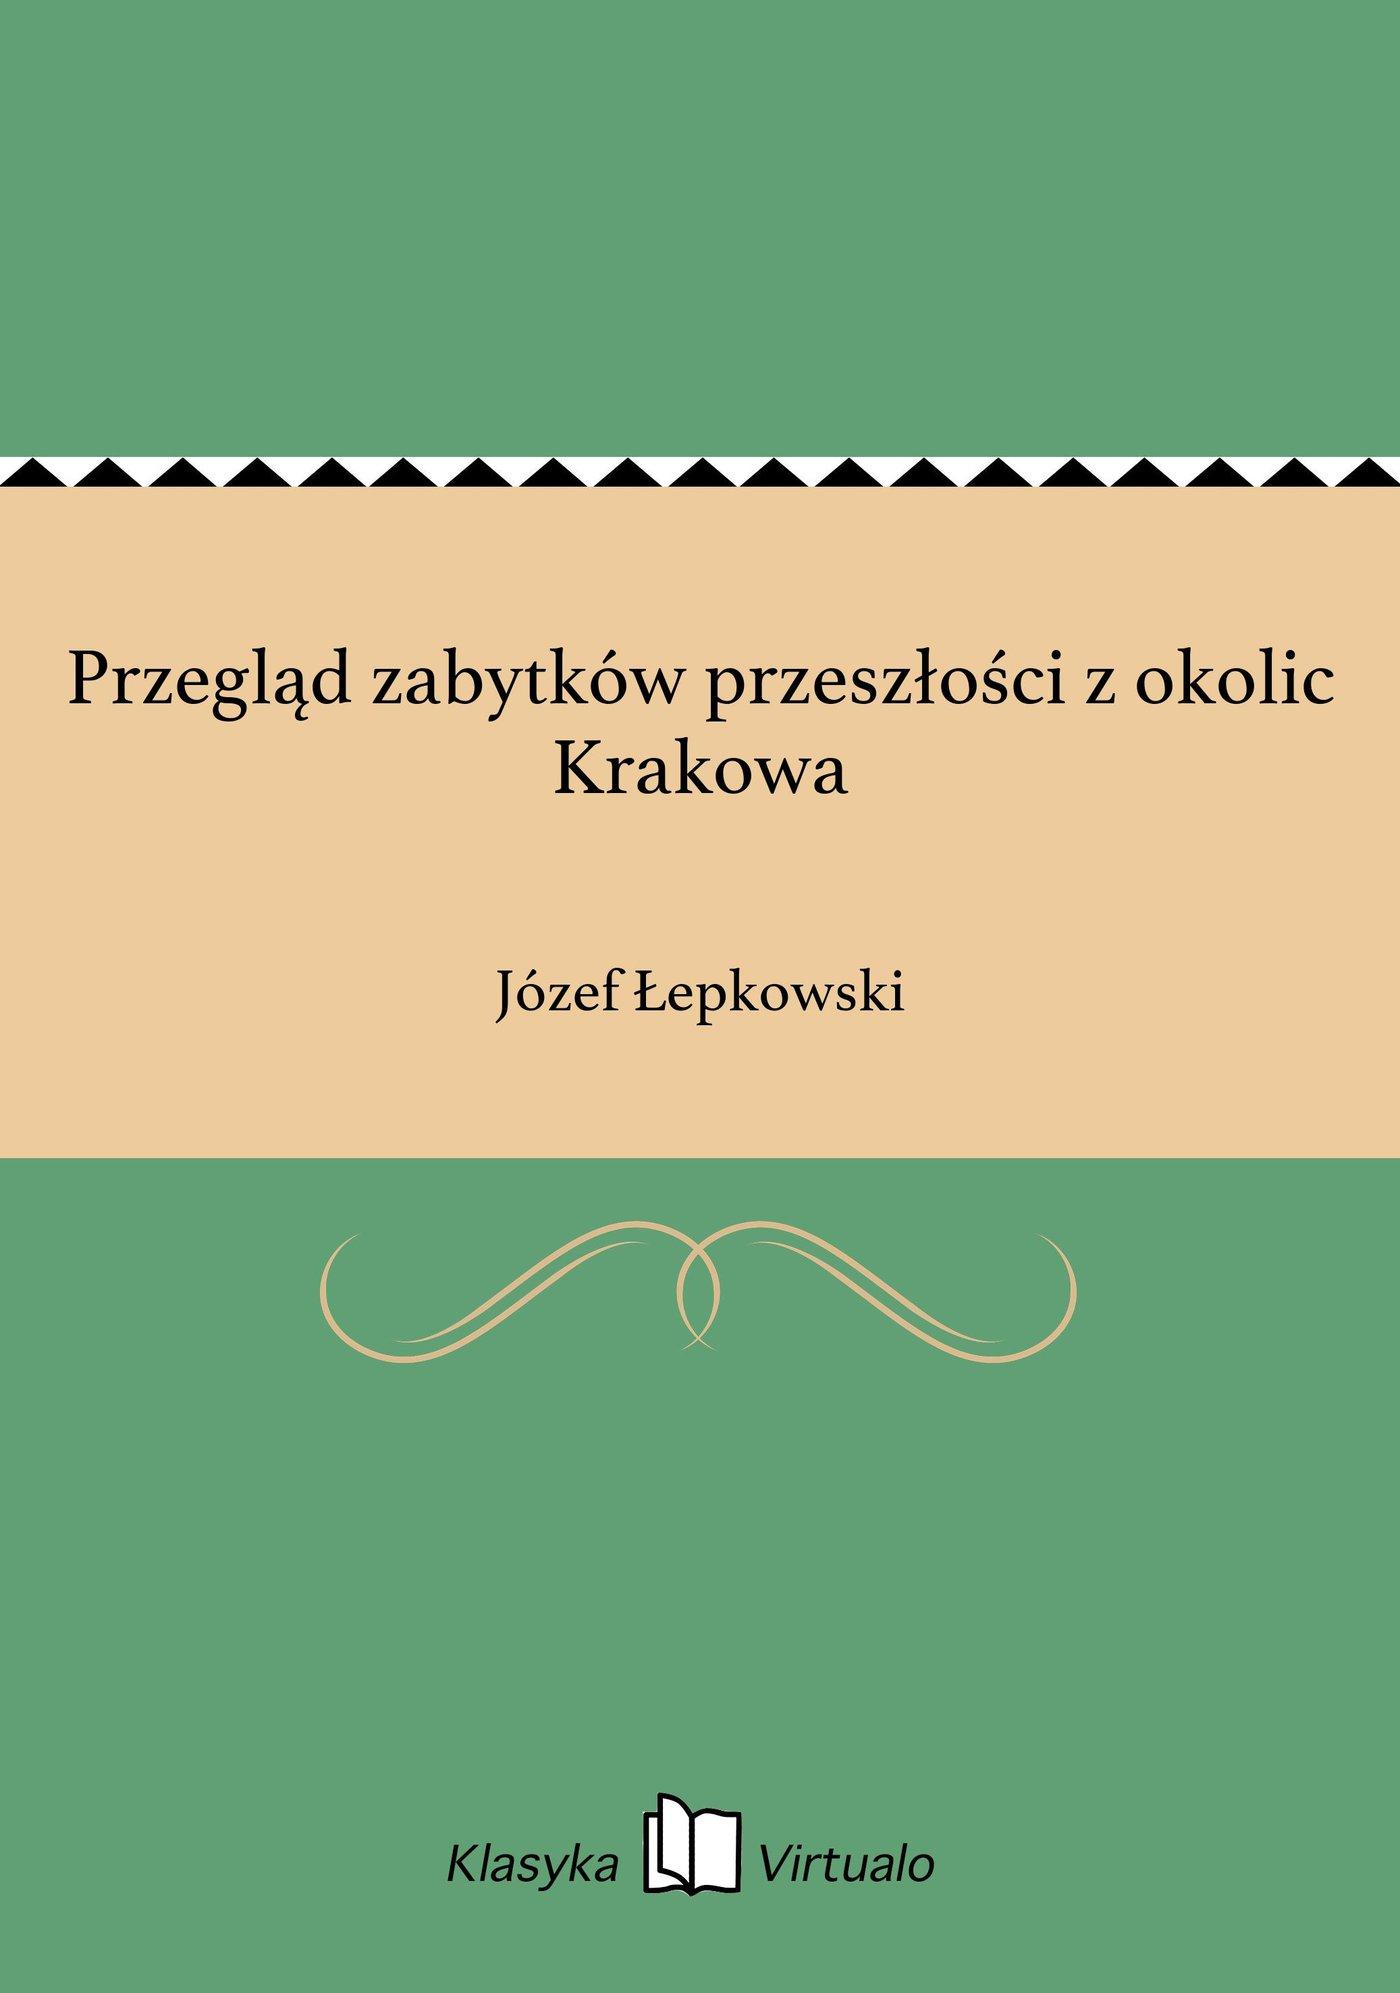 Przegląd zabytków przeszłości z okolic Krakowa - Ebook (Książka EPUB) do pobrania w formacie EPUB